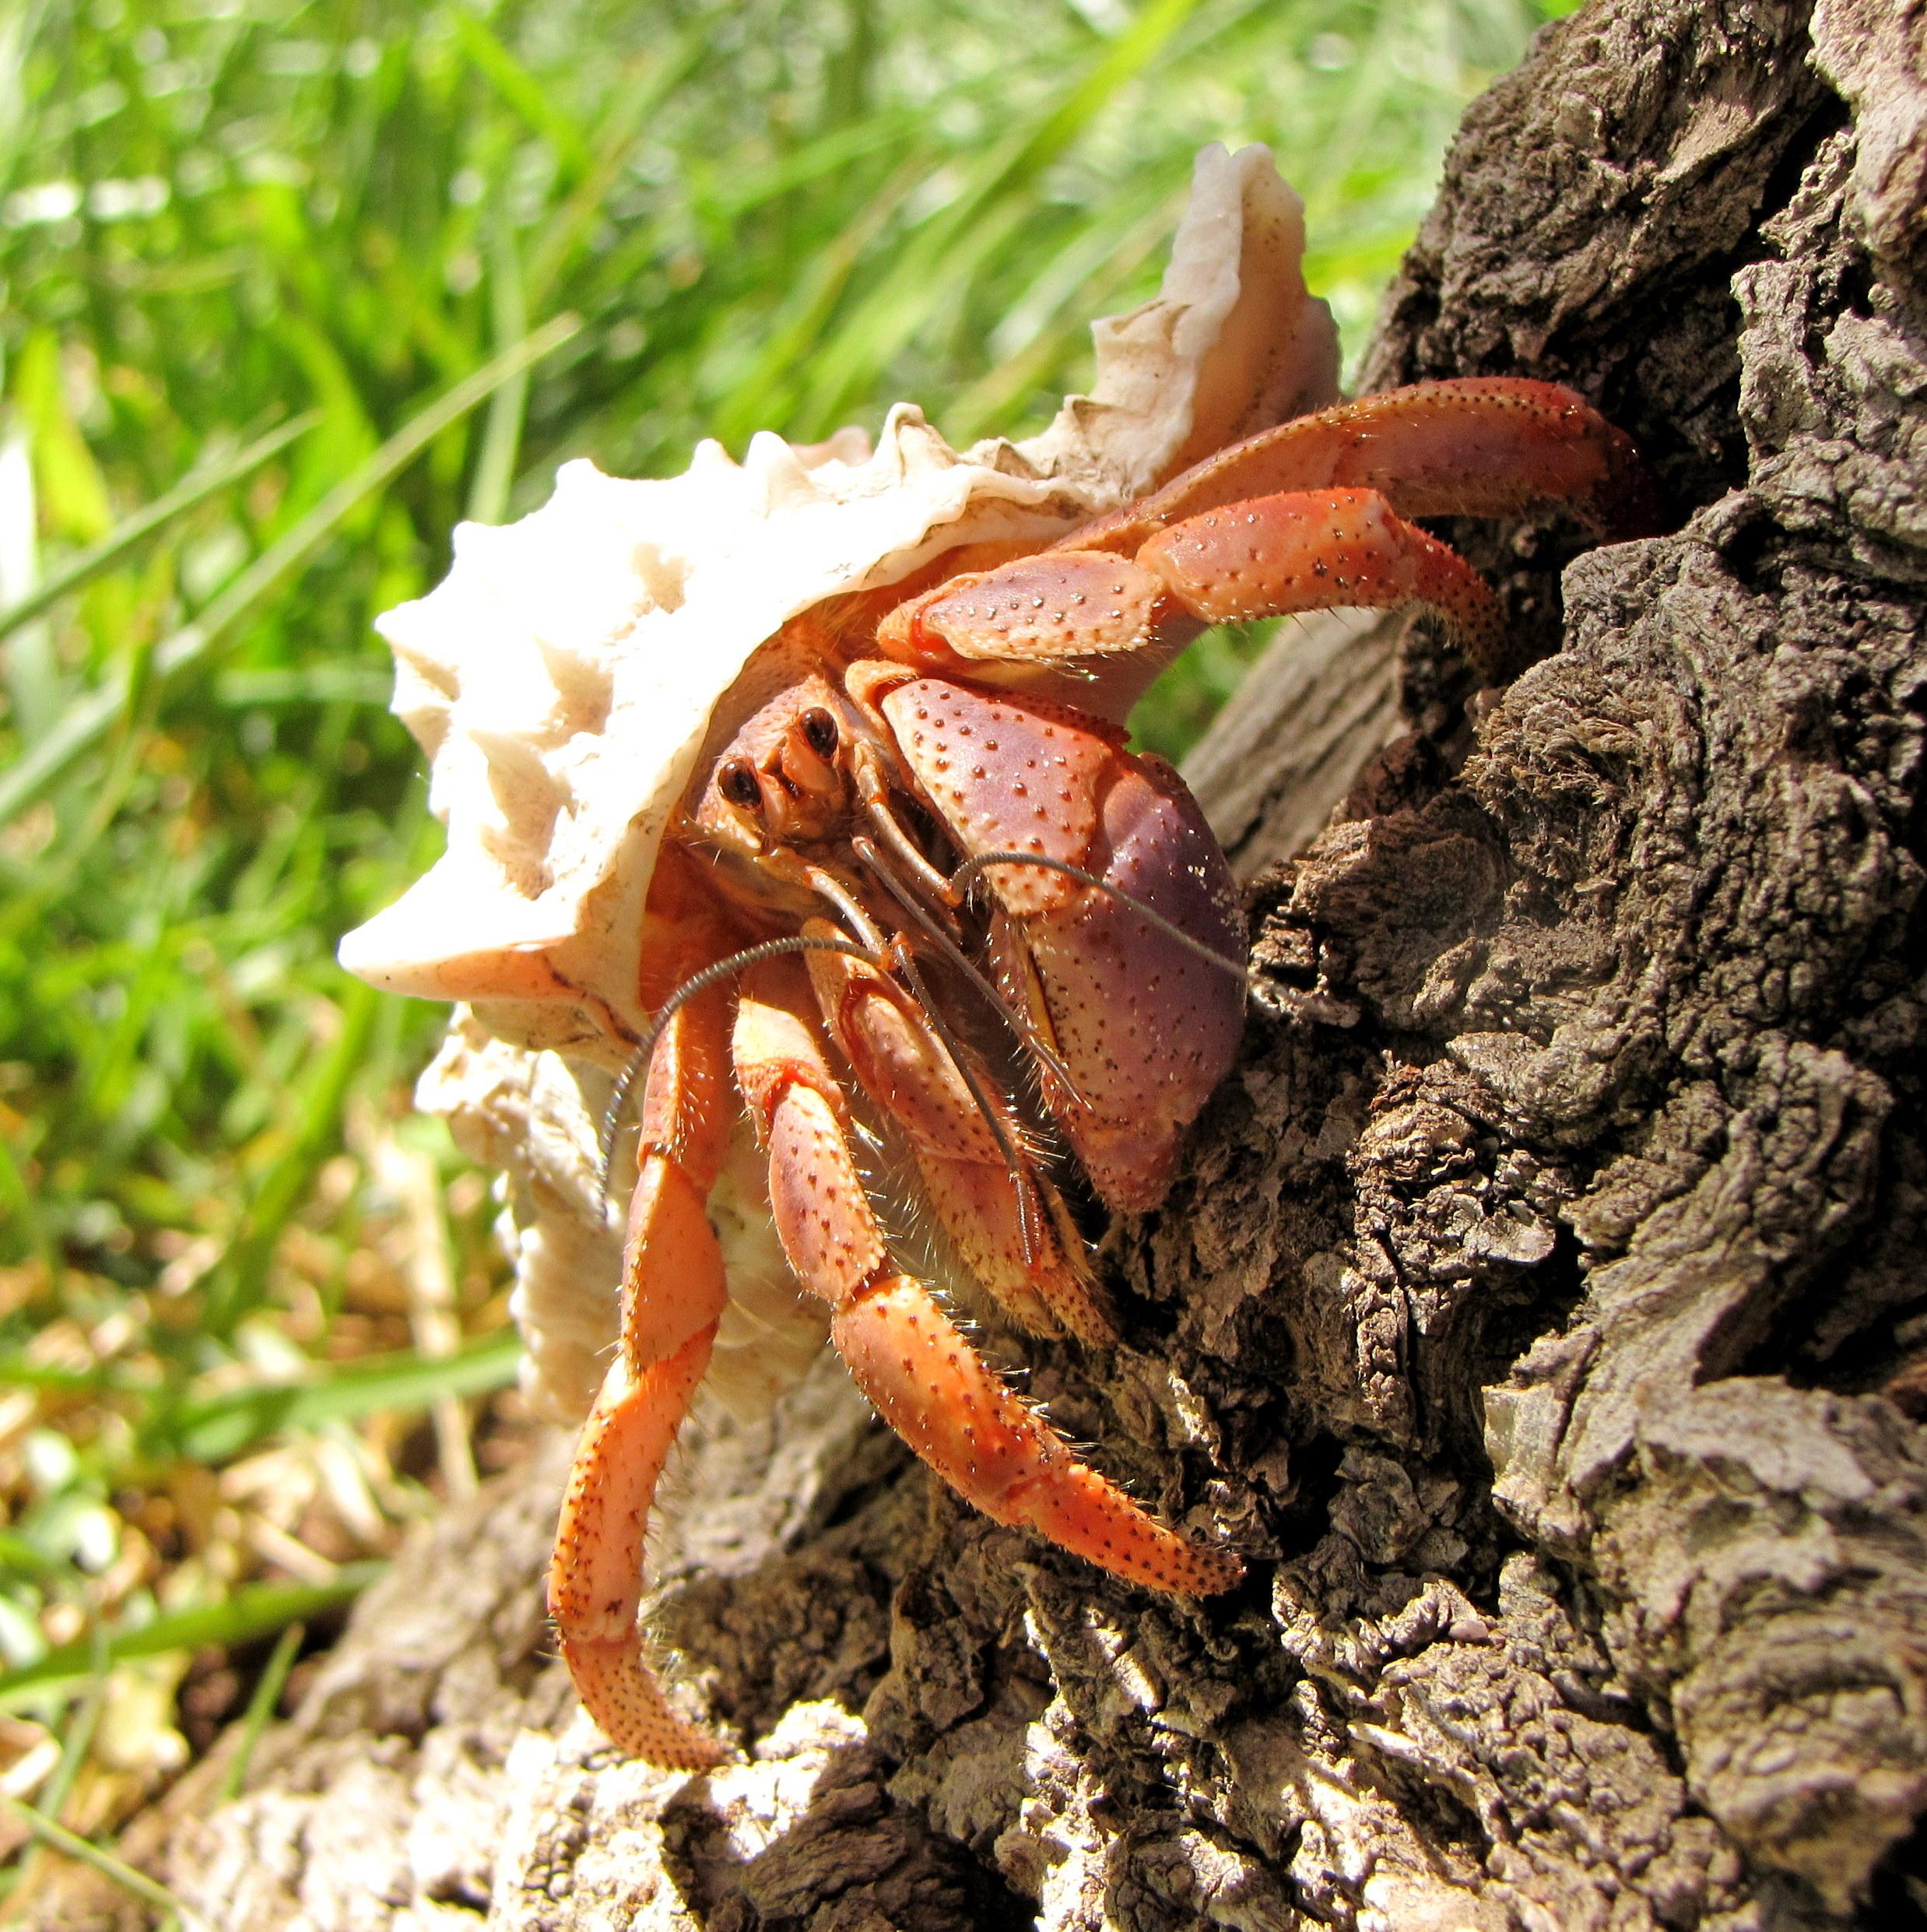 Caribbean Hermit Crab